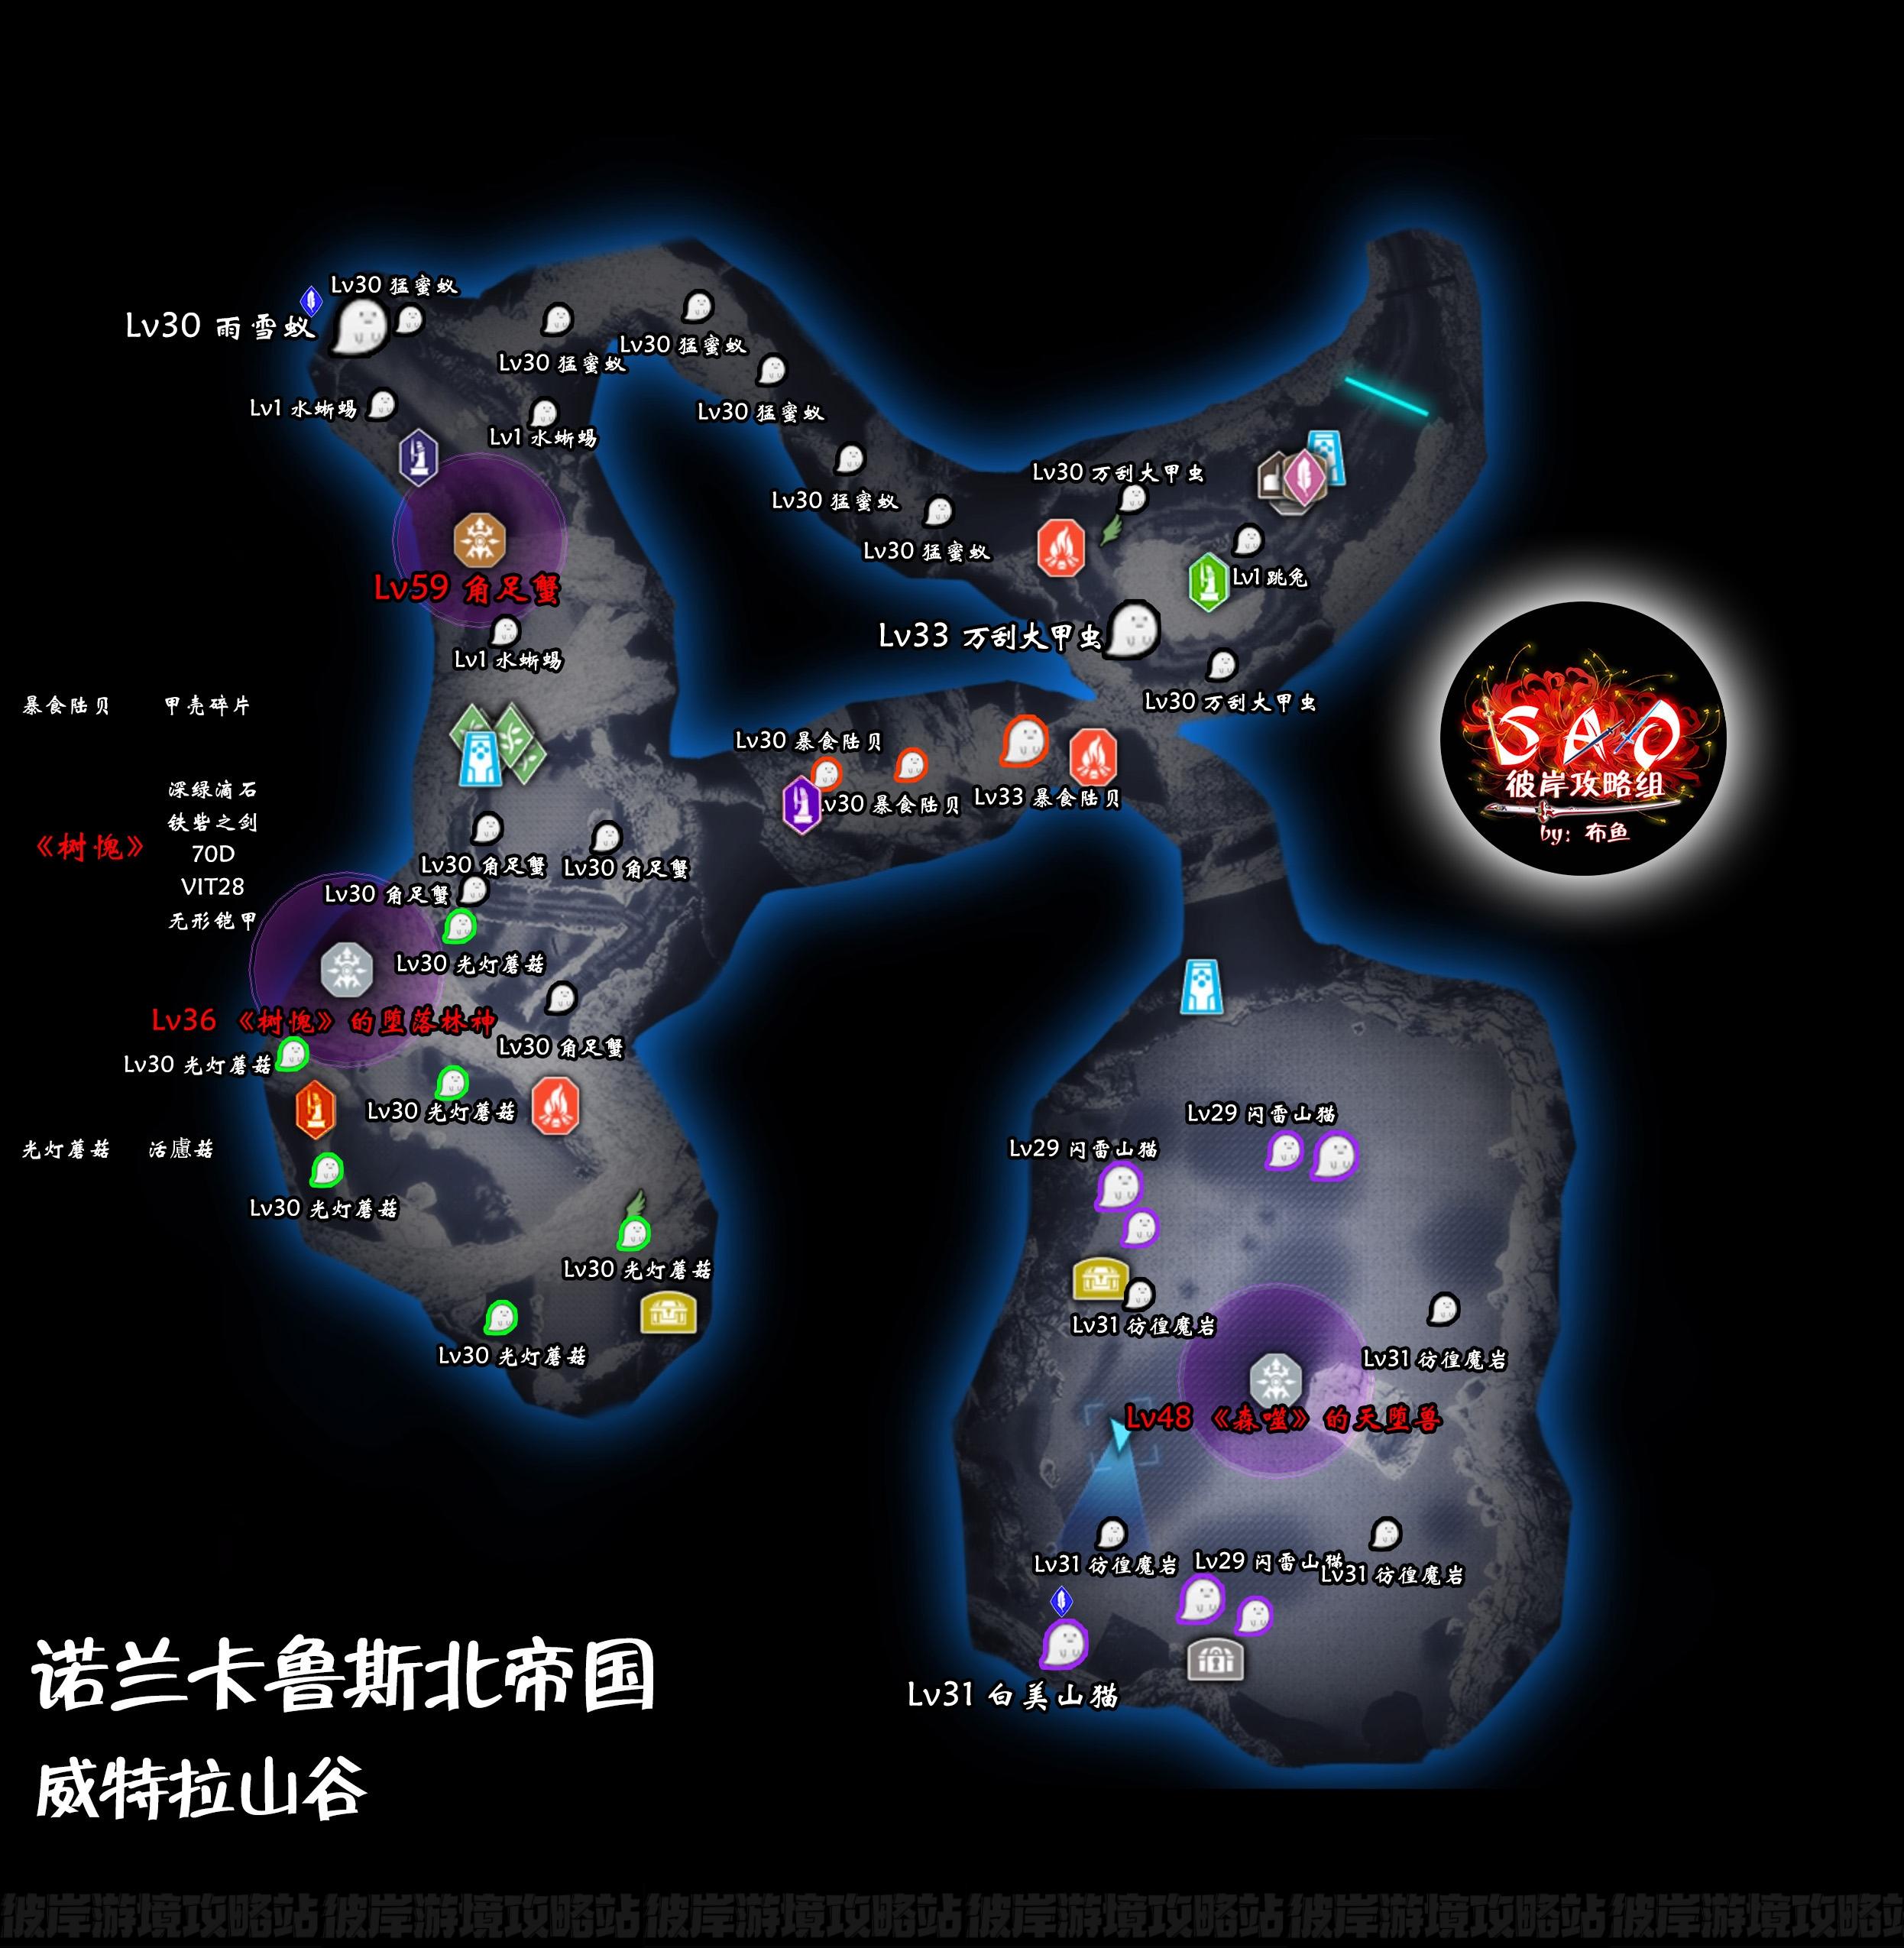 【SAOAL攻略组】超完全流程地图攻略及新手指引-威特拉山谷篇-刀剑神域彼岸游境攻略站